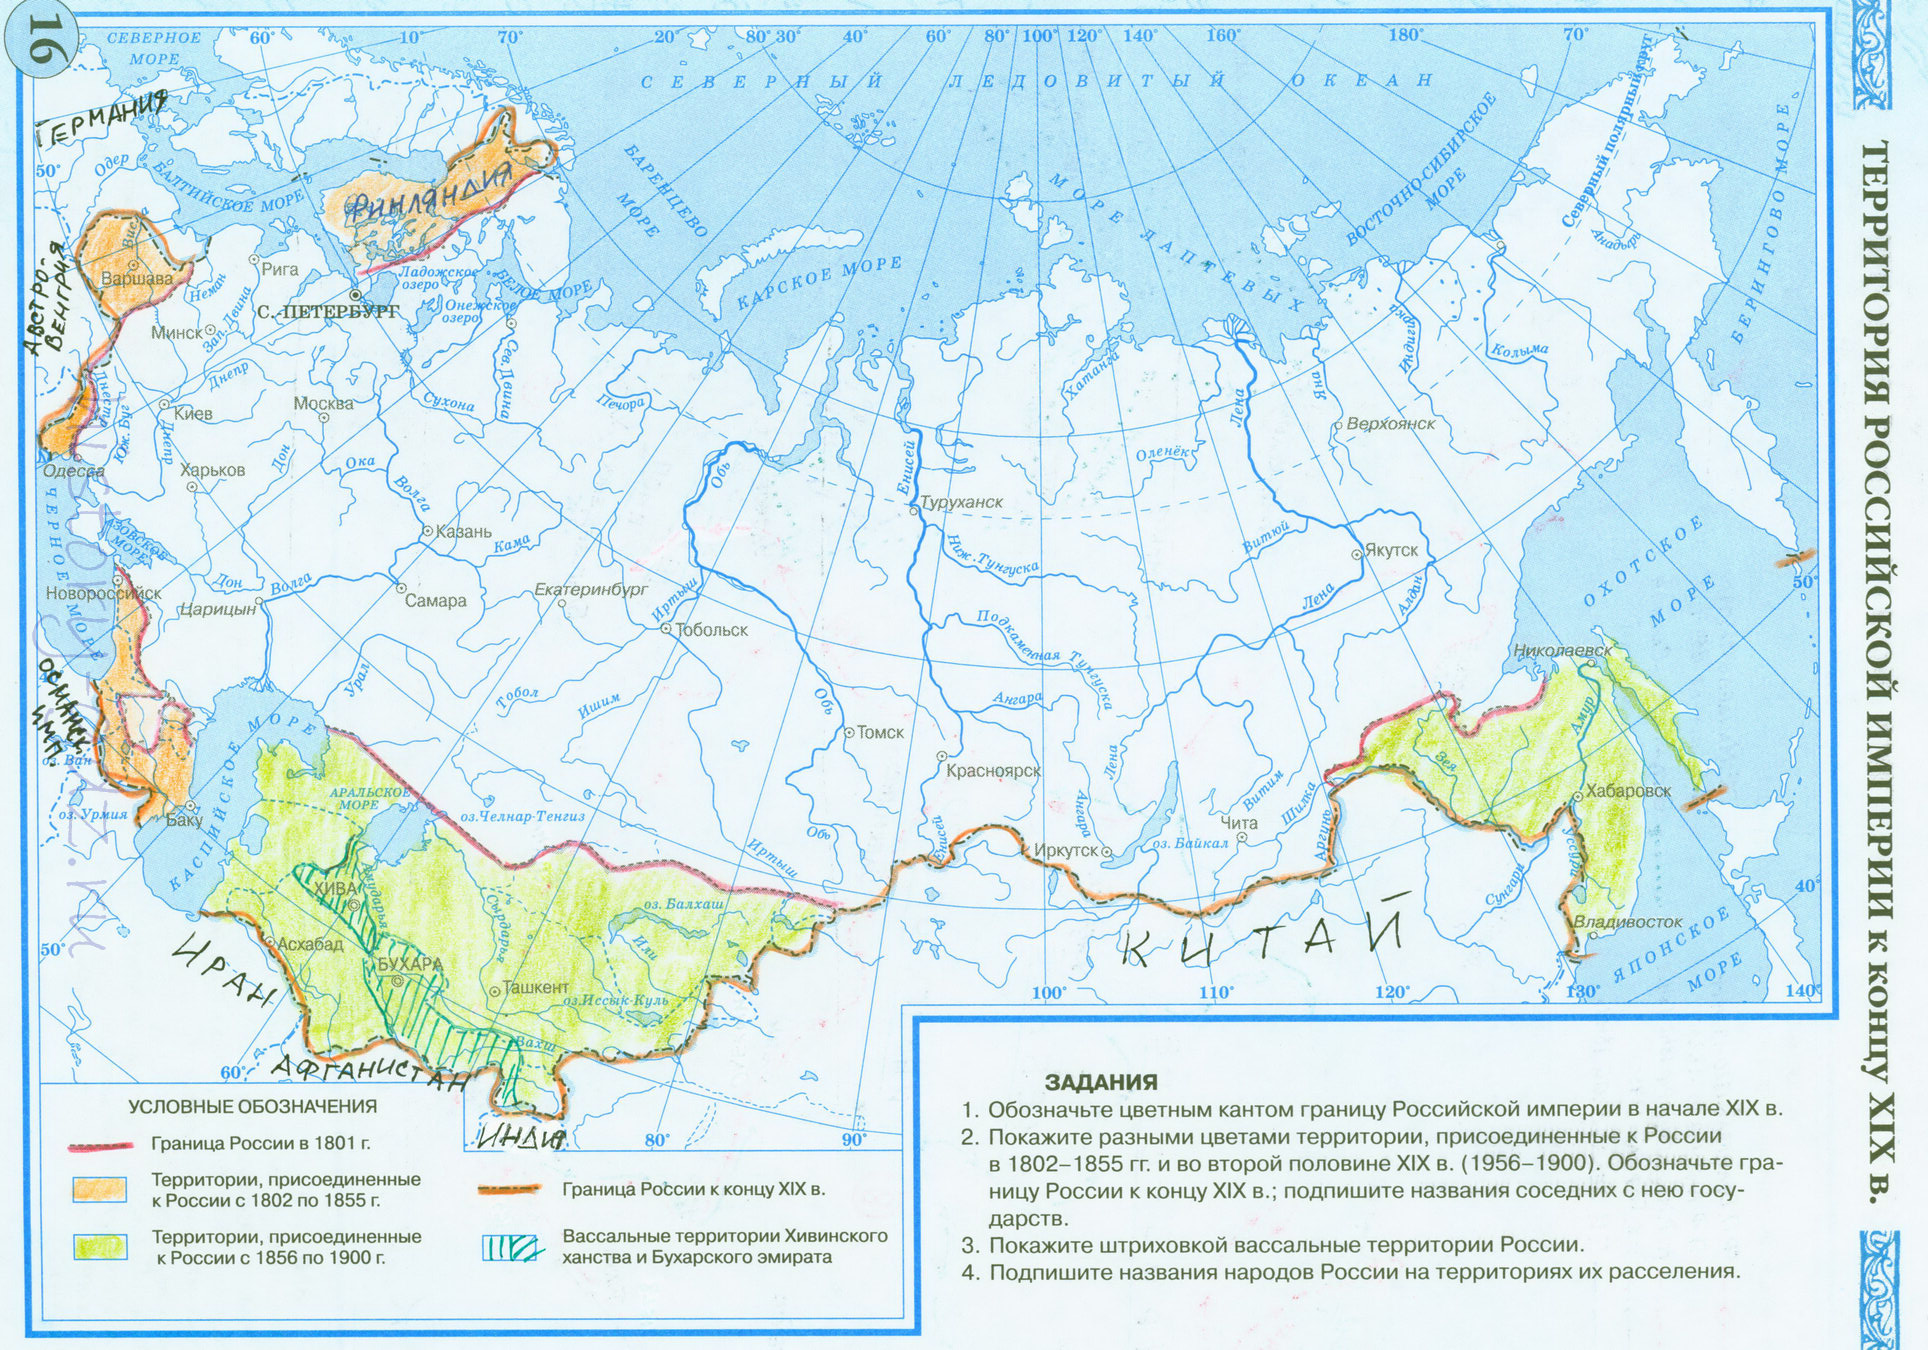 Набери готовые контурные карты по истории россии в 19 веке для 8 класса